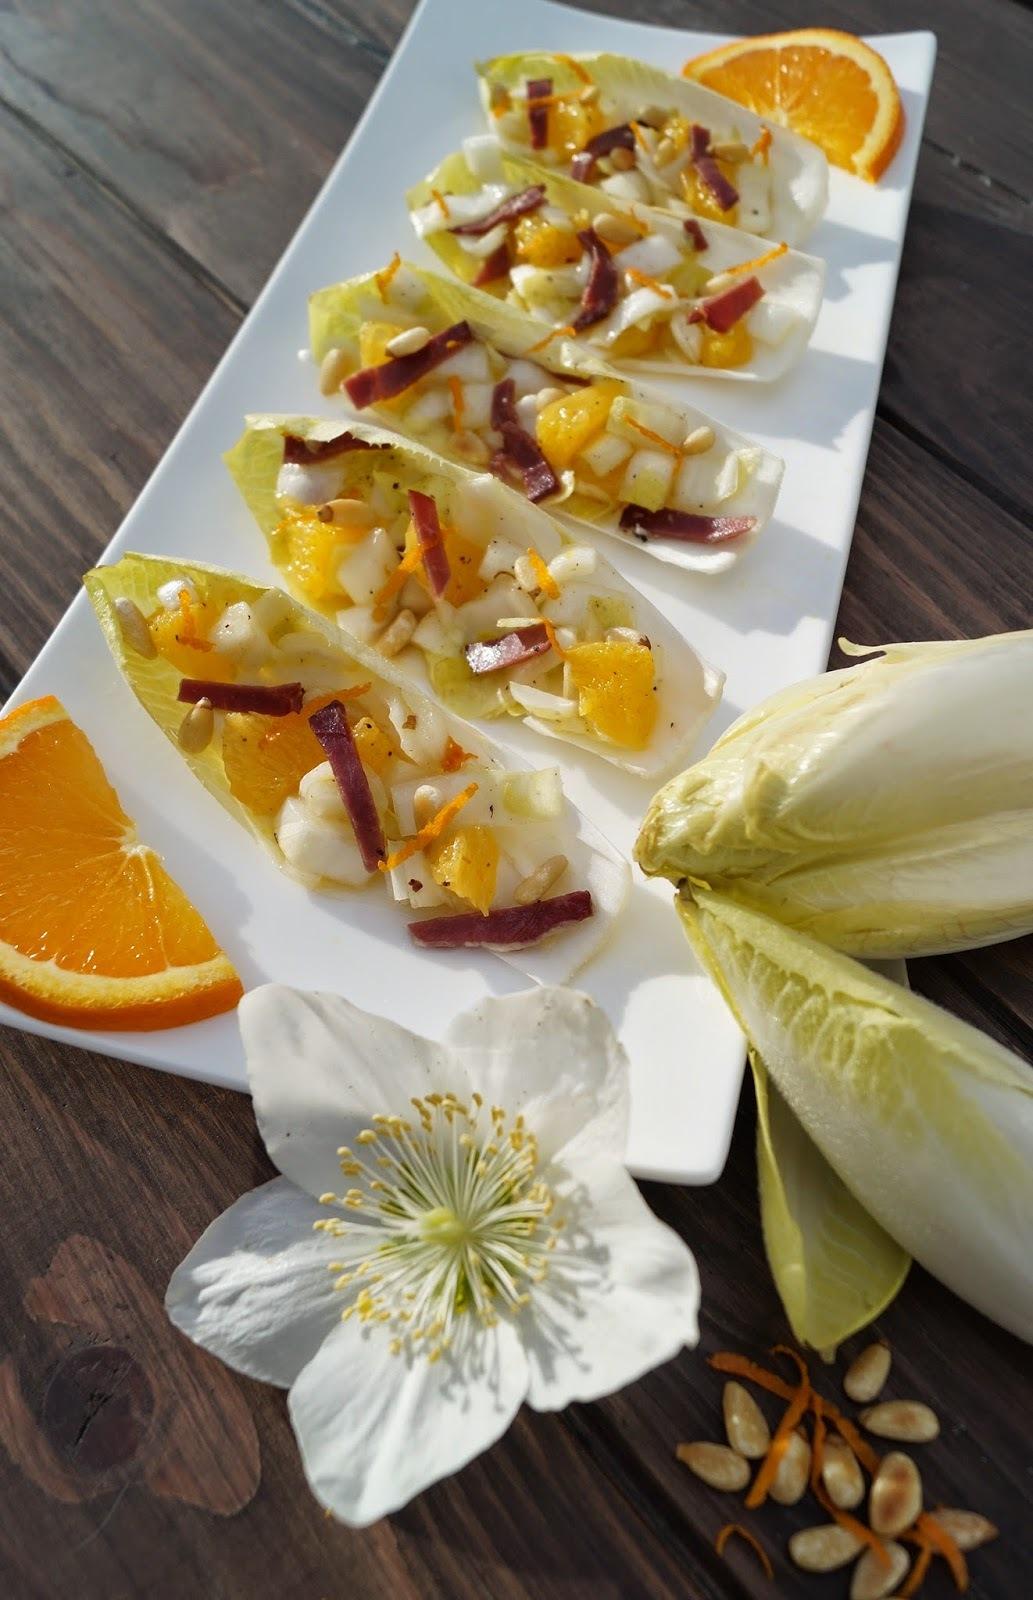 Salade d'endives à l'orange et au magret fumé